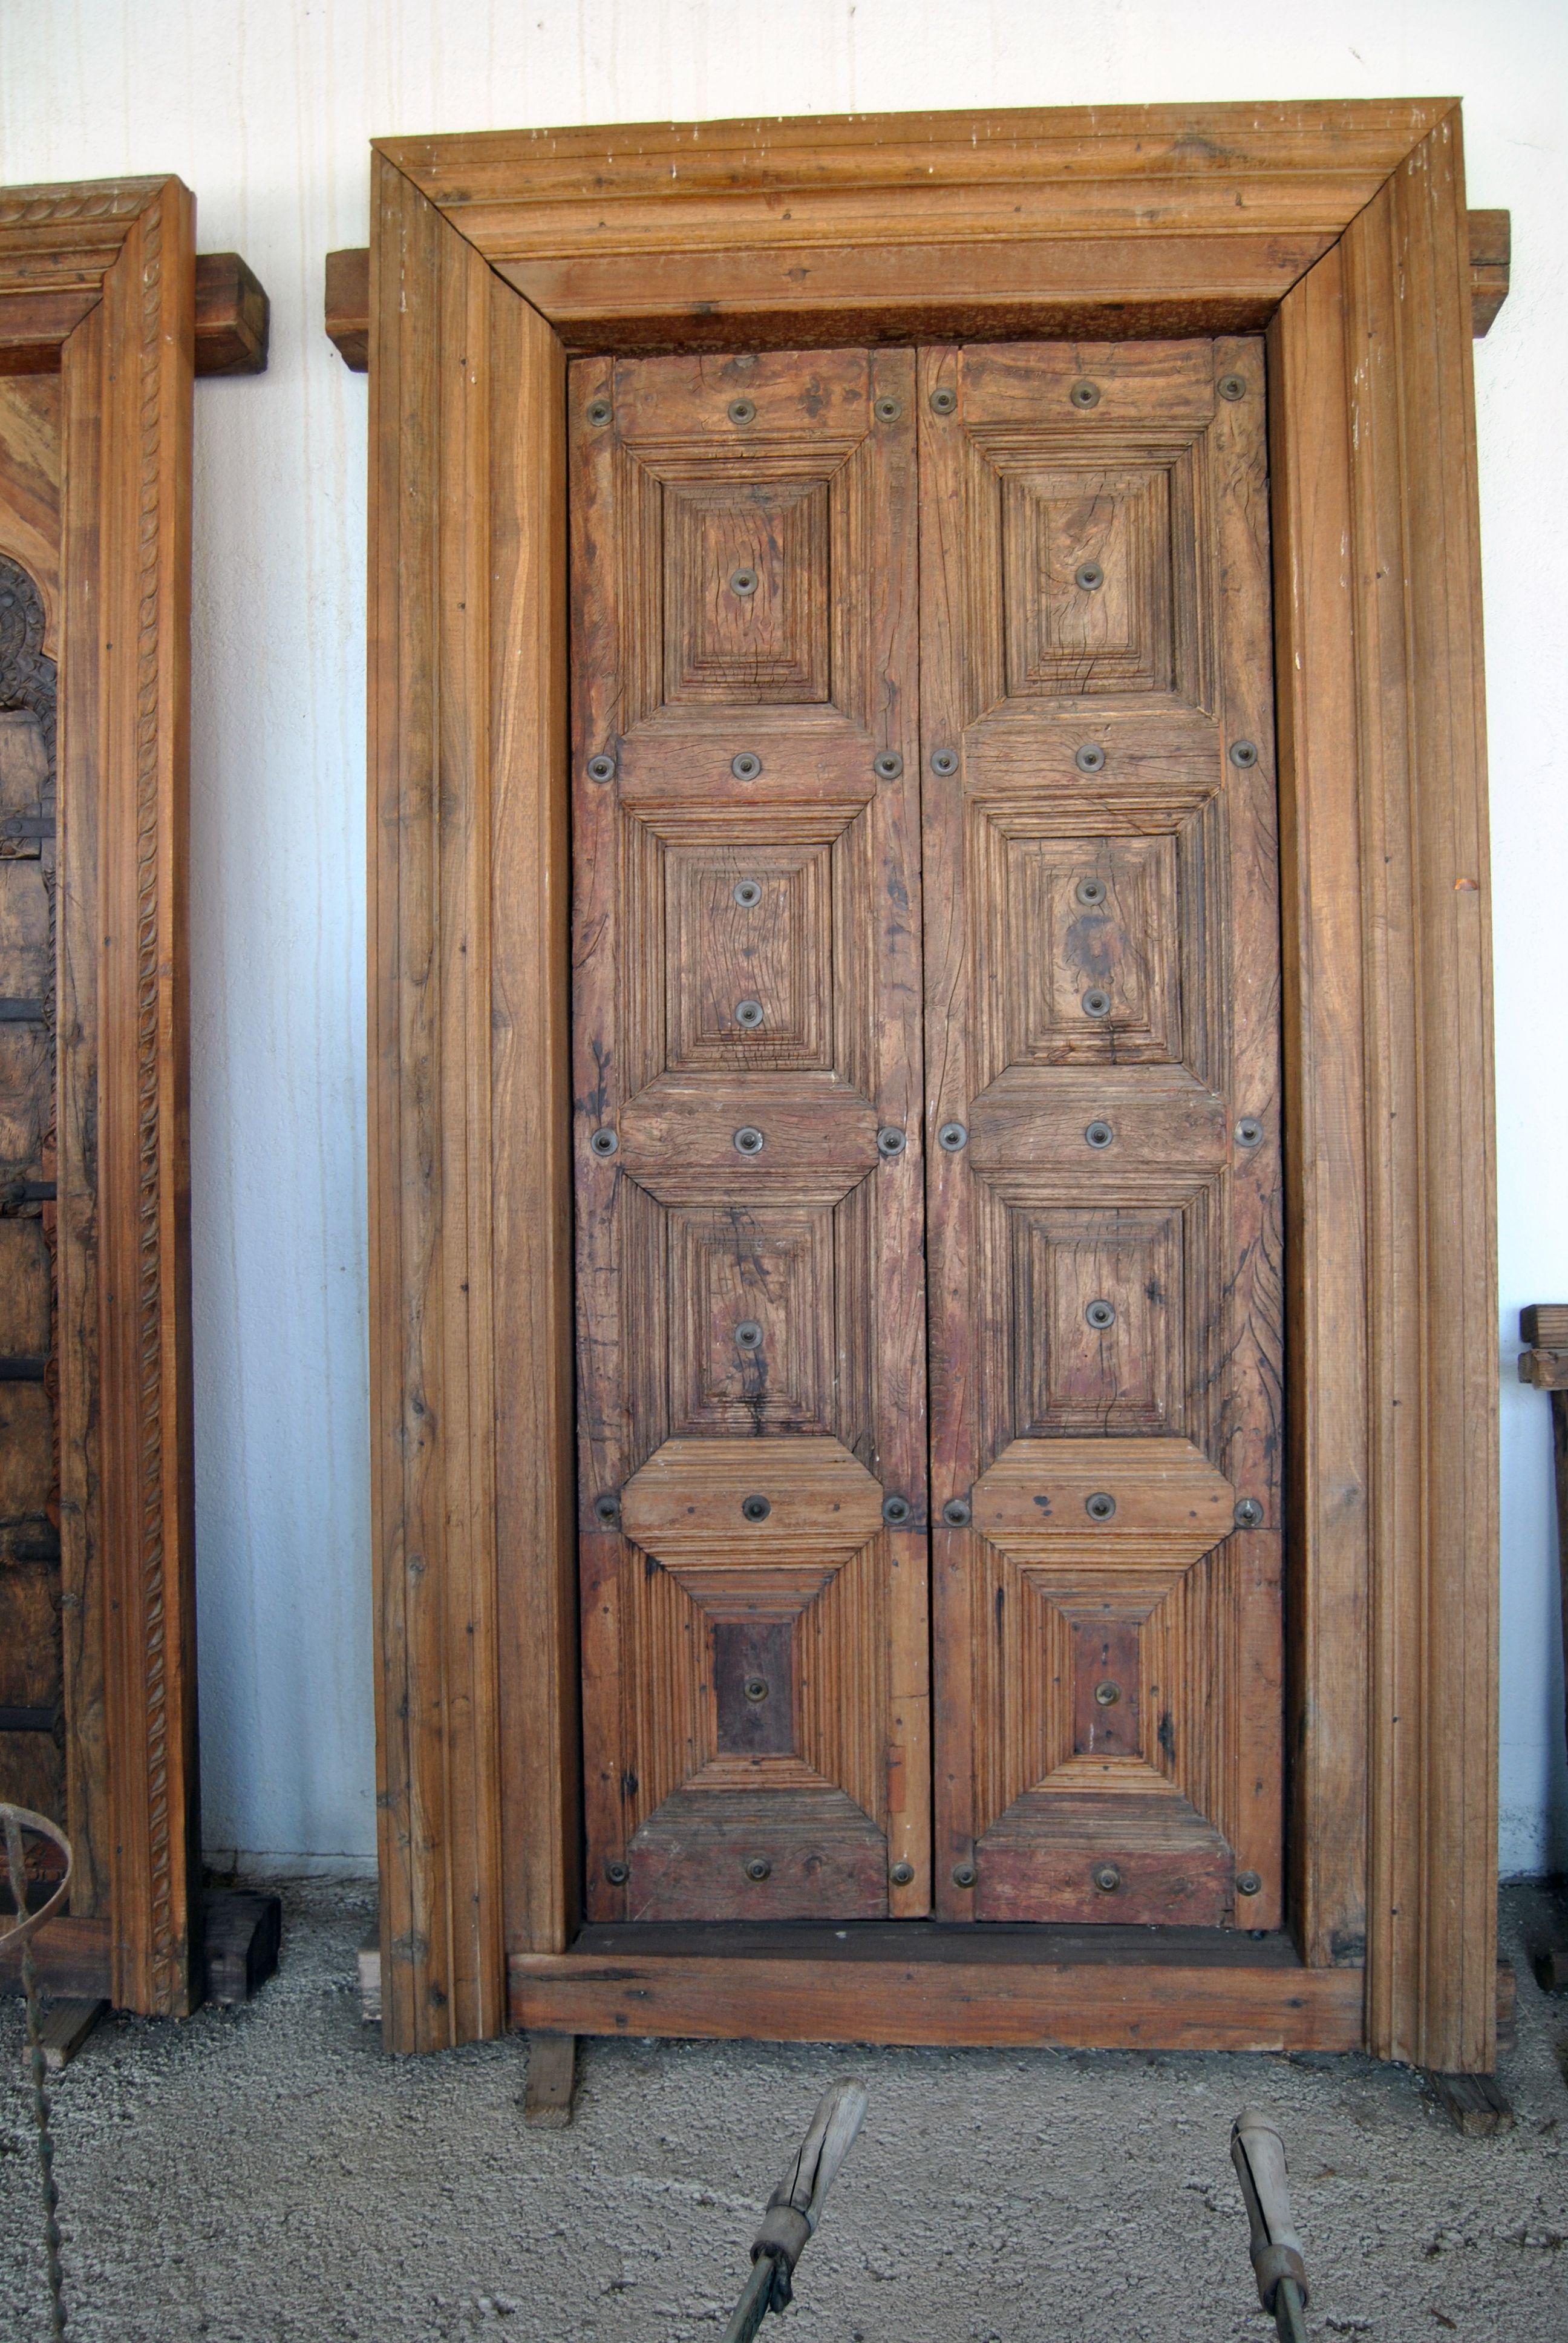 Port n de madera procede de un antiguo palacio - Portones de madera antiguos ...